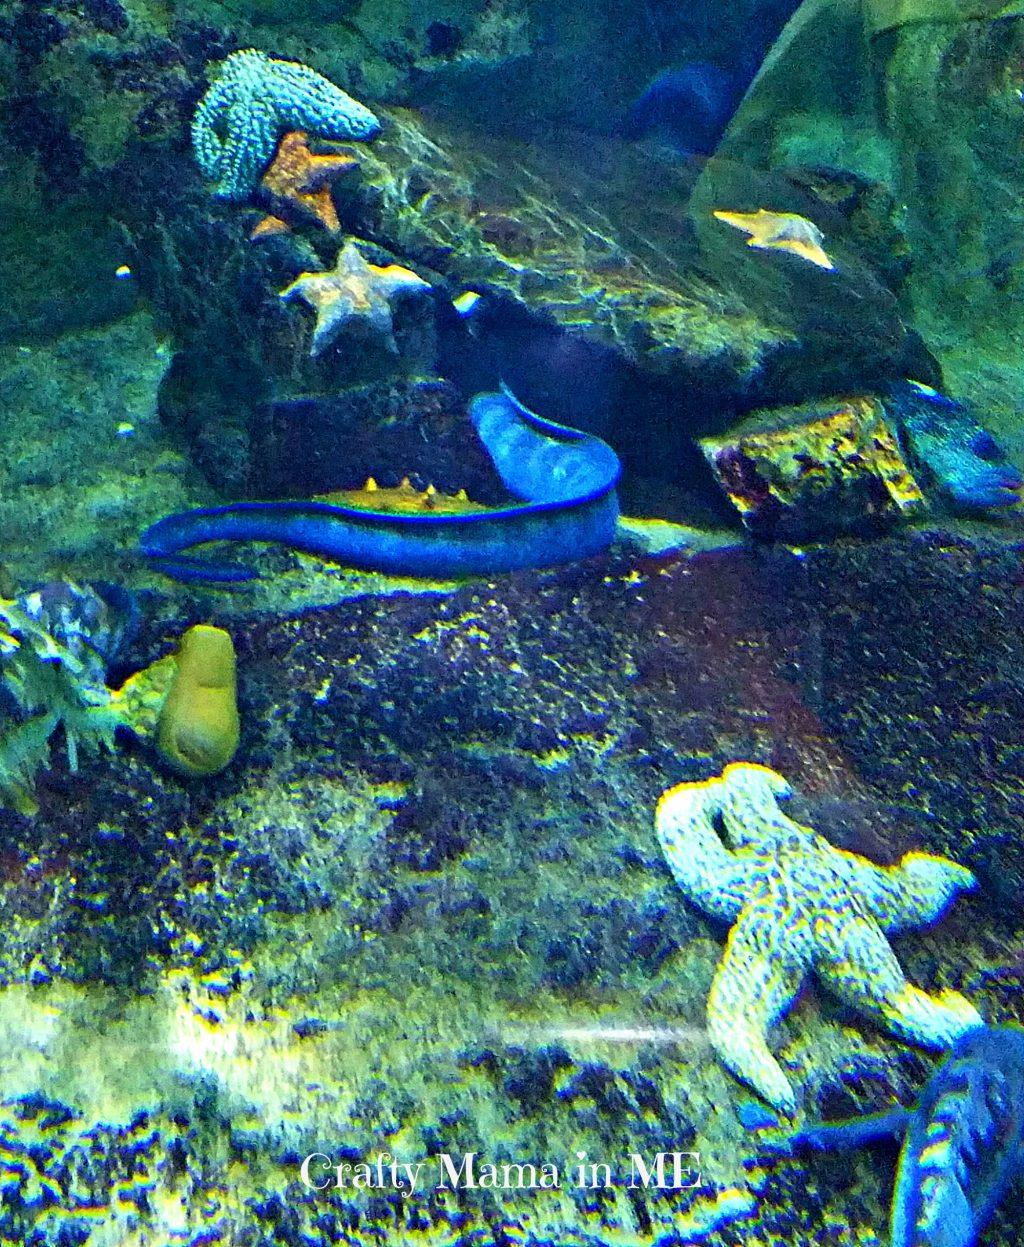 Visiting San Francisco 39 S Aquarium Of The Bay Crafty Mama